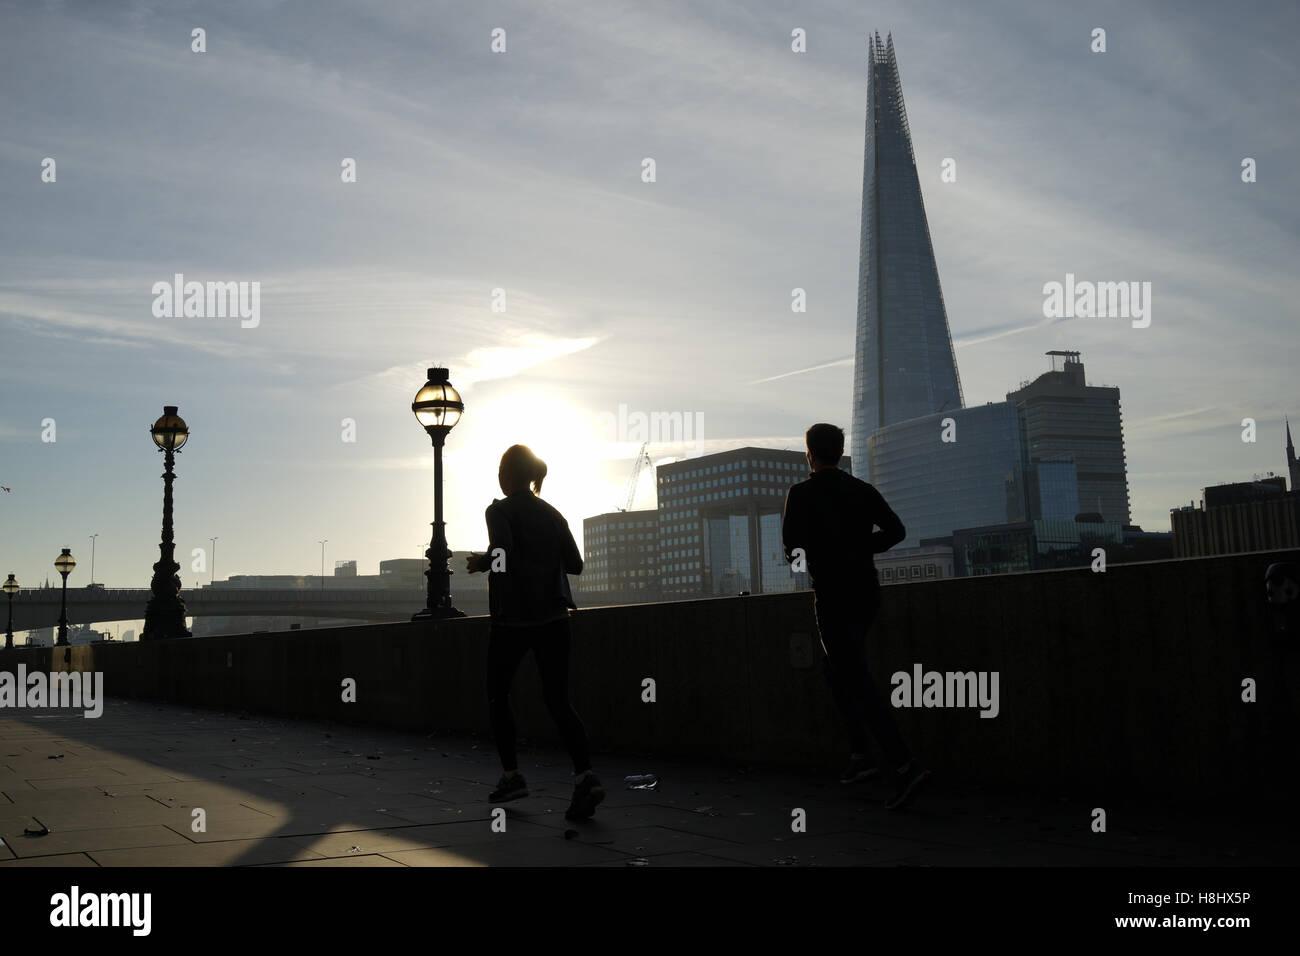 Una pareja a lo largo del río Támesis, Londres Imagen De Stock